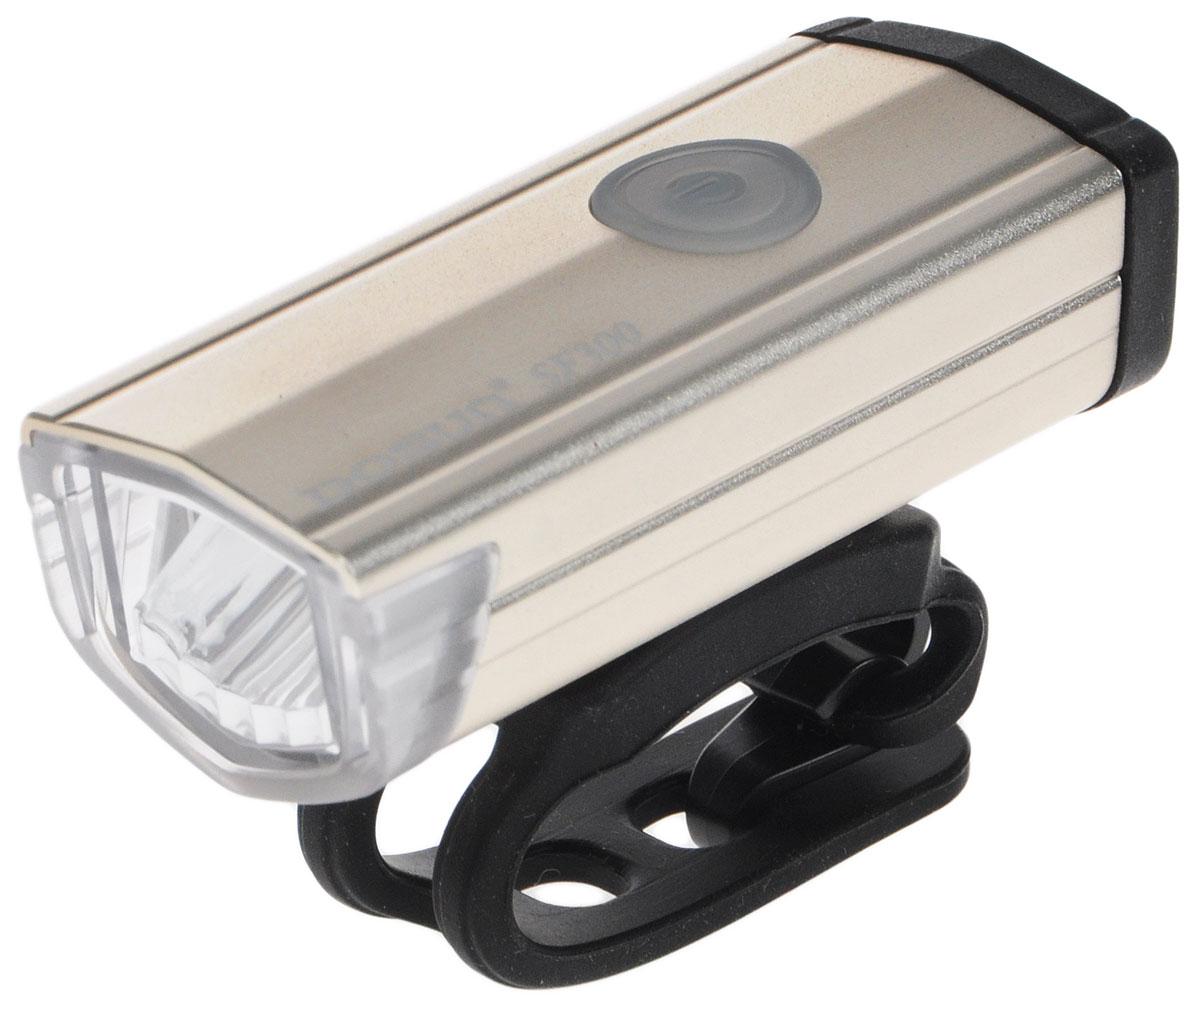 Фара велосипедная Dosun SF300, цвет: серебристый, черный1508160Надежная и удобная в эксплуатации фара Dosun SF300 предназначена для обеспечения большей безопасности при поездках в темное время суток. Заряжается от компьютера при помощи USB кабеля (входит в комплект). Оснащена ярким светодиодом мощностью 300 Лм. Устанавливается на основание диаметром 20-40 мм. Имеет прочный алюминиевый водонепроницаемый корпус, устойчивый к царапинам. Удобная конструкция фары позволяет быстро устанавливать ее на руль или снимать. Фара работает в 5 режимах: 3 вида яркости, мигание, быстрое мигание.Время свечения в разных яркостях: 1 ч, 3 ч, 6 ч.Время мигания: 12 ч.Время быстрого мигания: 60 ч.Время зарядки: 2,5 ч.Размер фары (без учета крепления): 6,7 х 2,7 х 2,2 см.